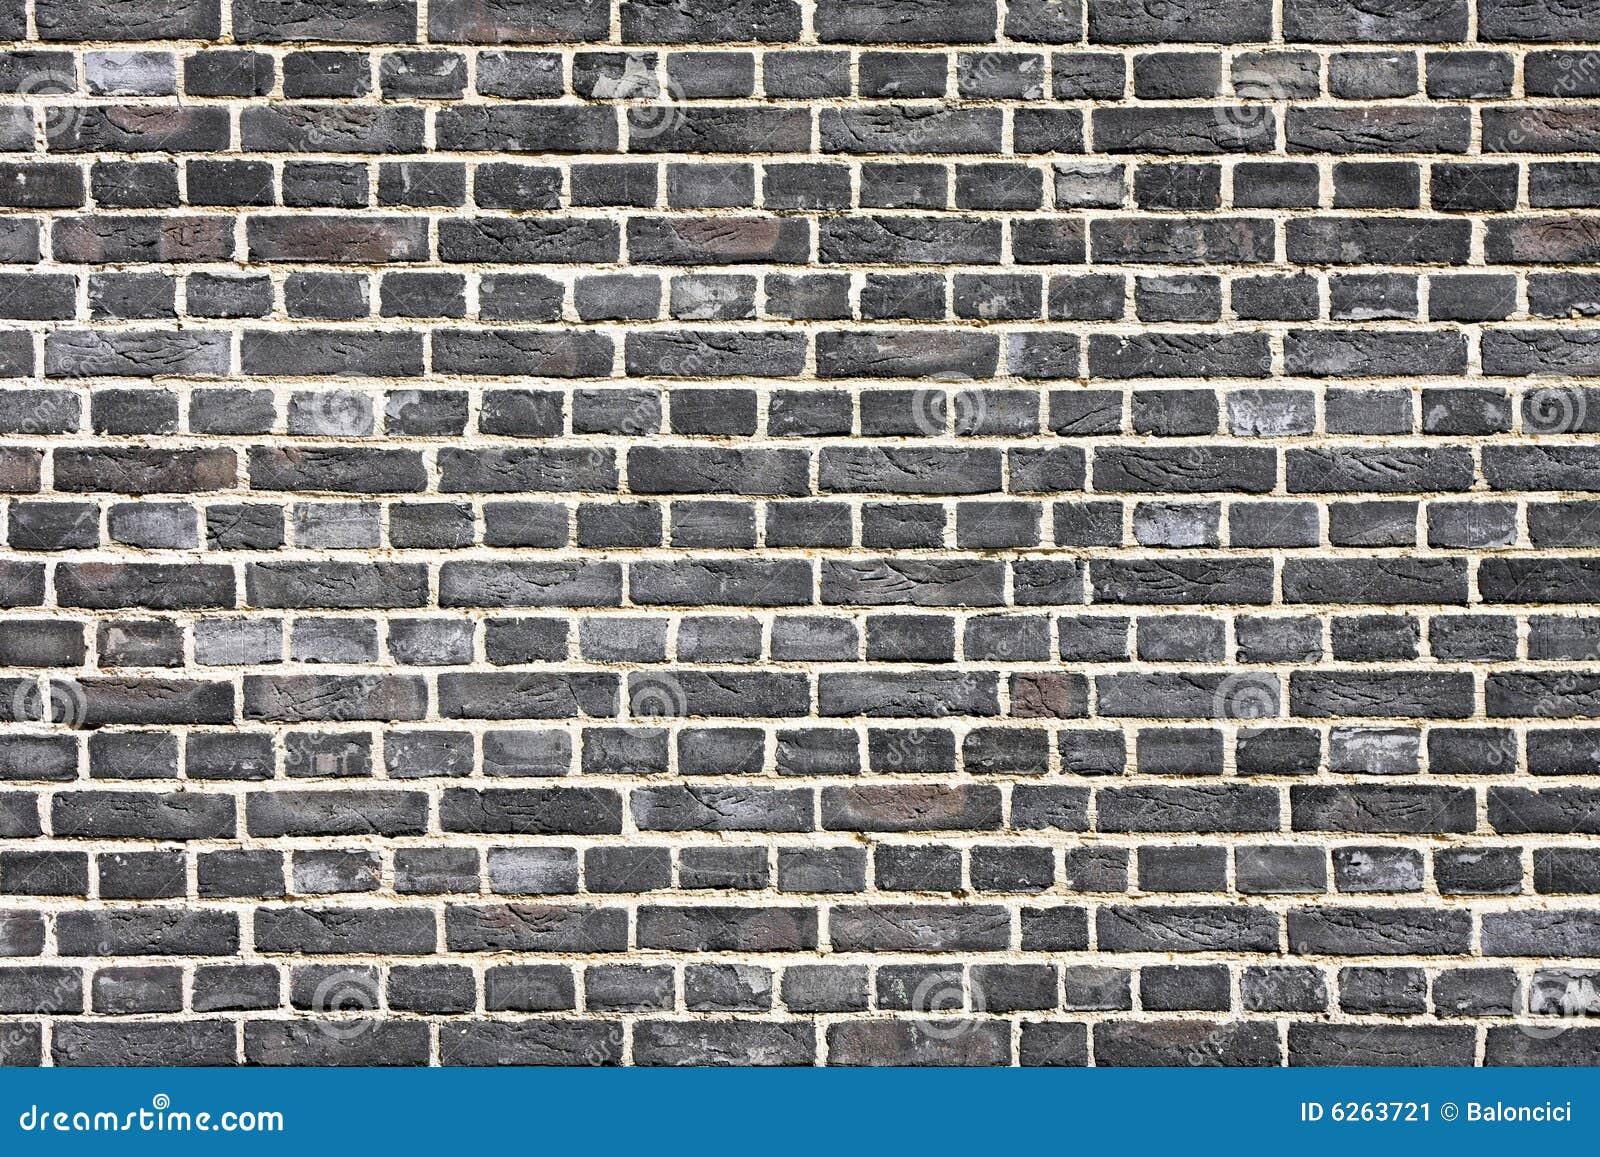 mur de briques noir image stock image 6263721. Black Bedroom Furniture Sets. Home Design Ideas